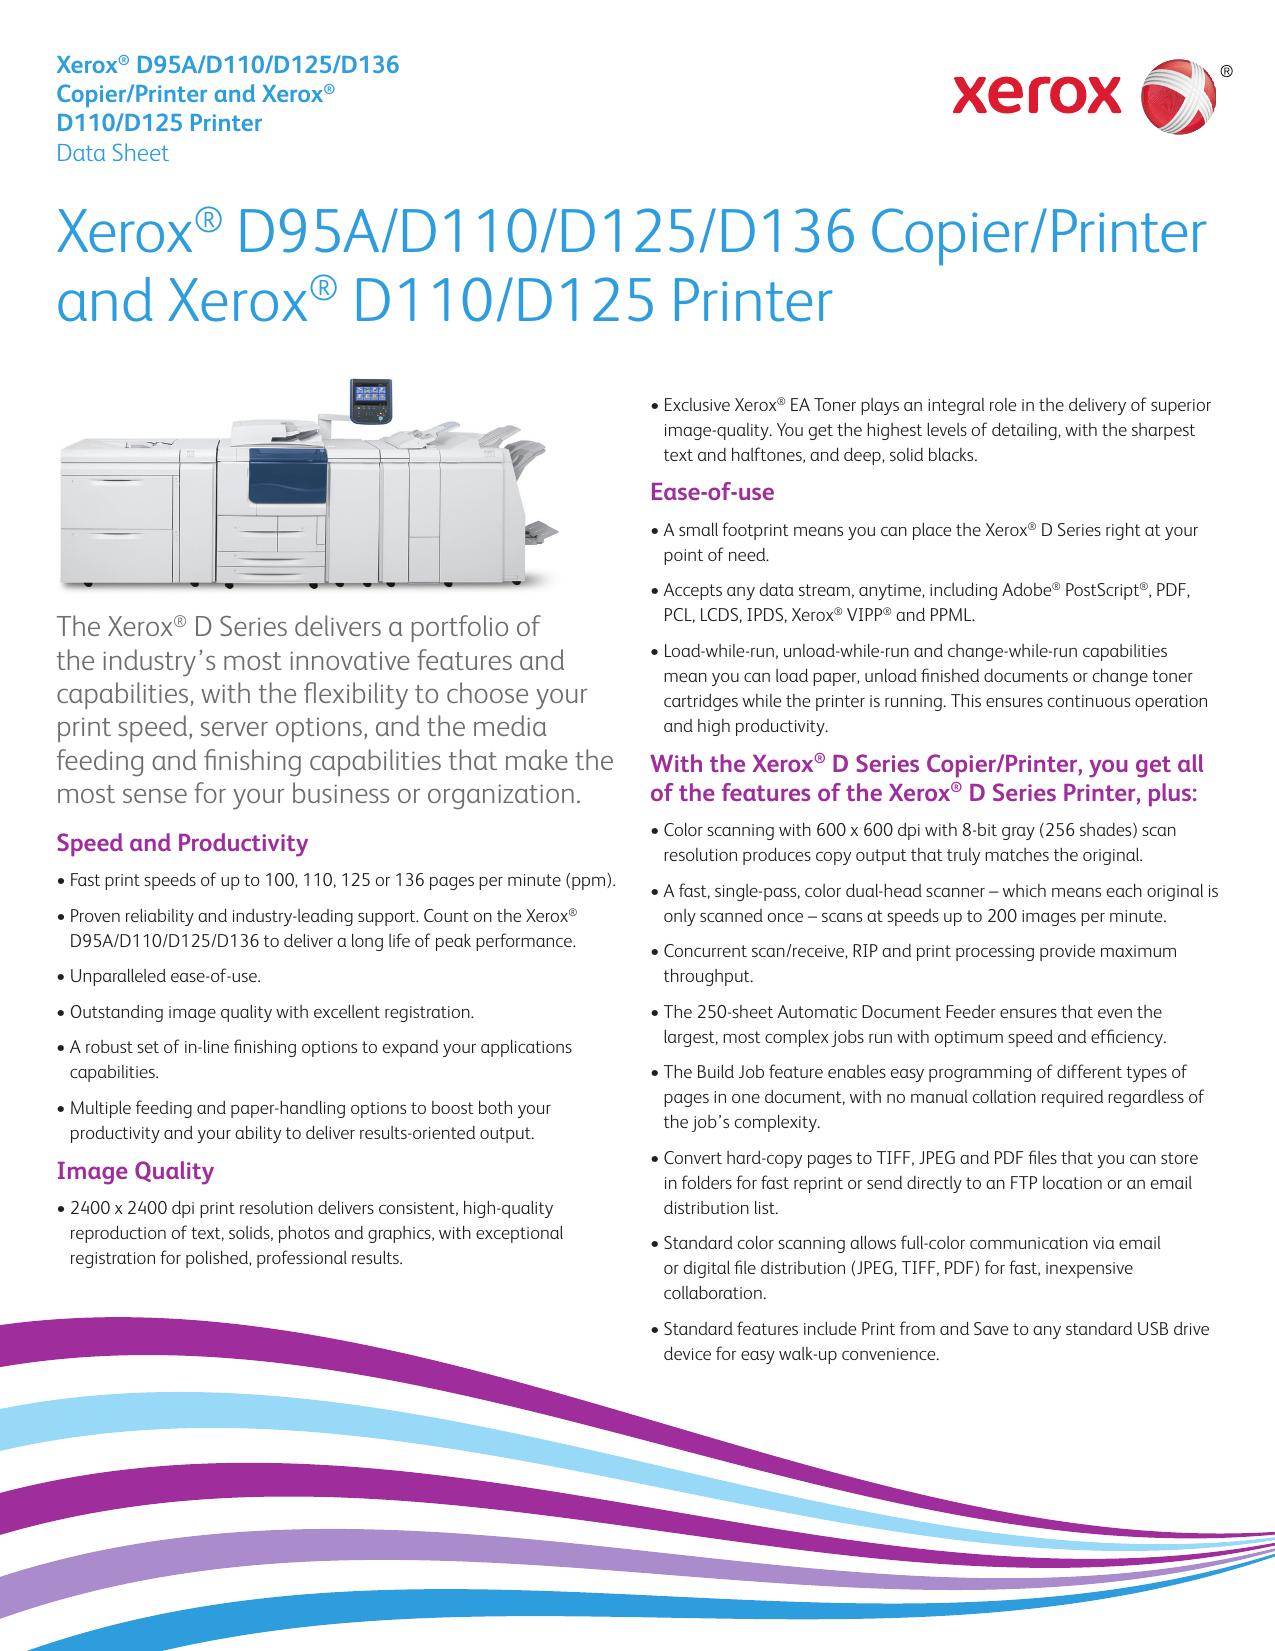 Xerox Copier D95